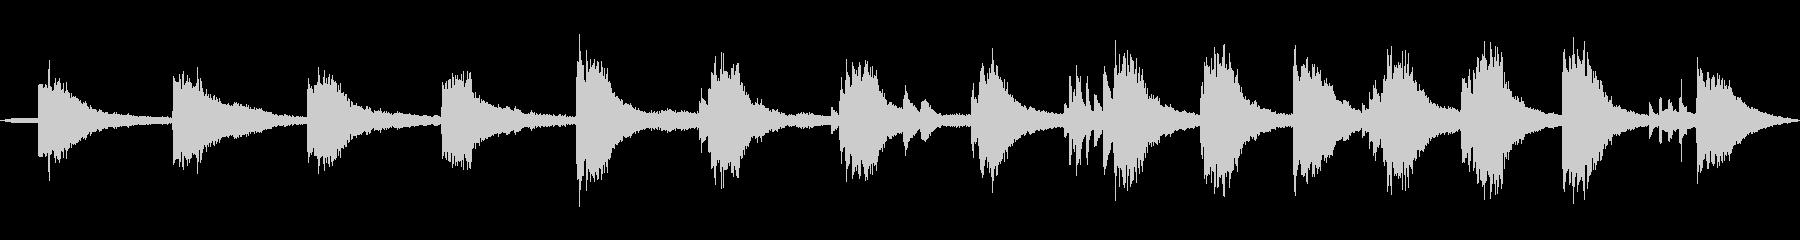 波音ととても静かなシンセサイザーとピアノの未再生の波形